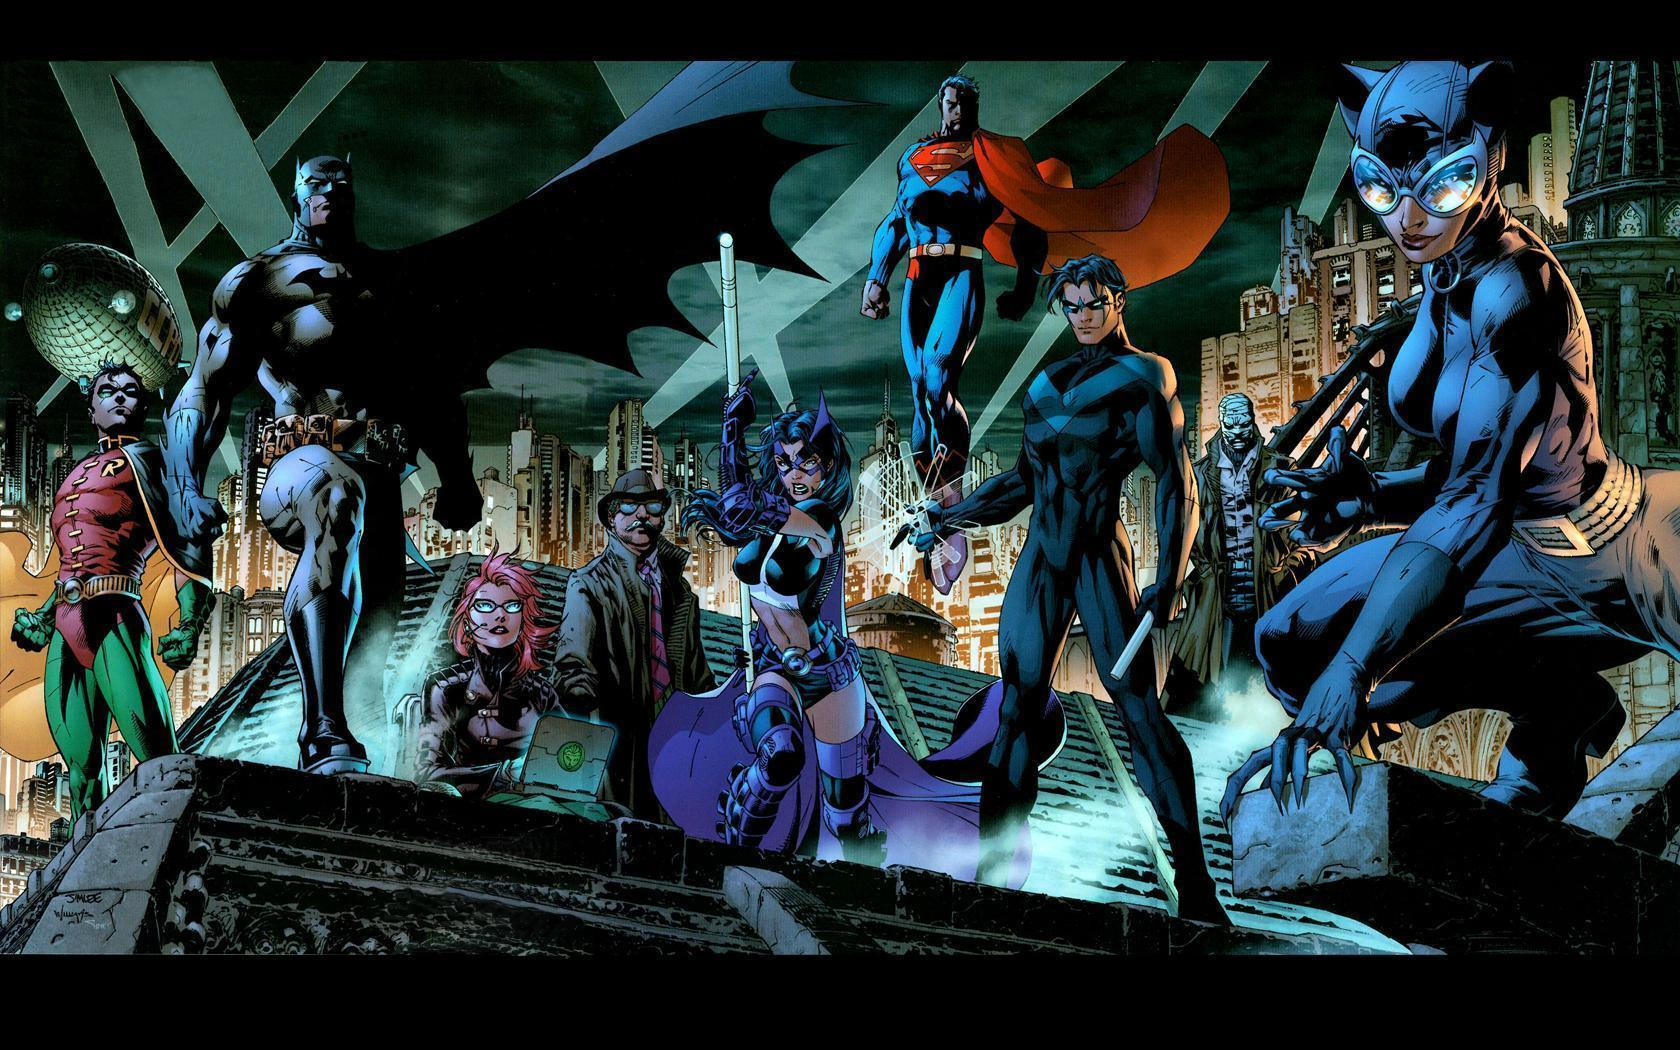 Dc comics wallpapers wallpaper cave - Dc characters wallpaper hd ...